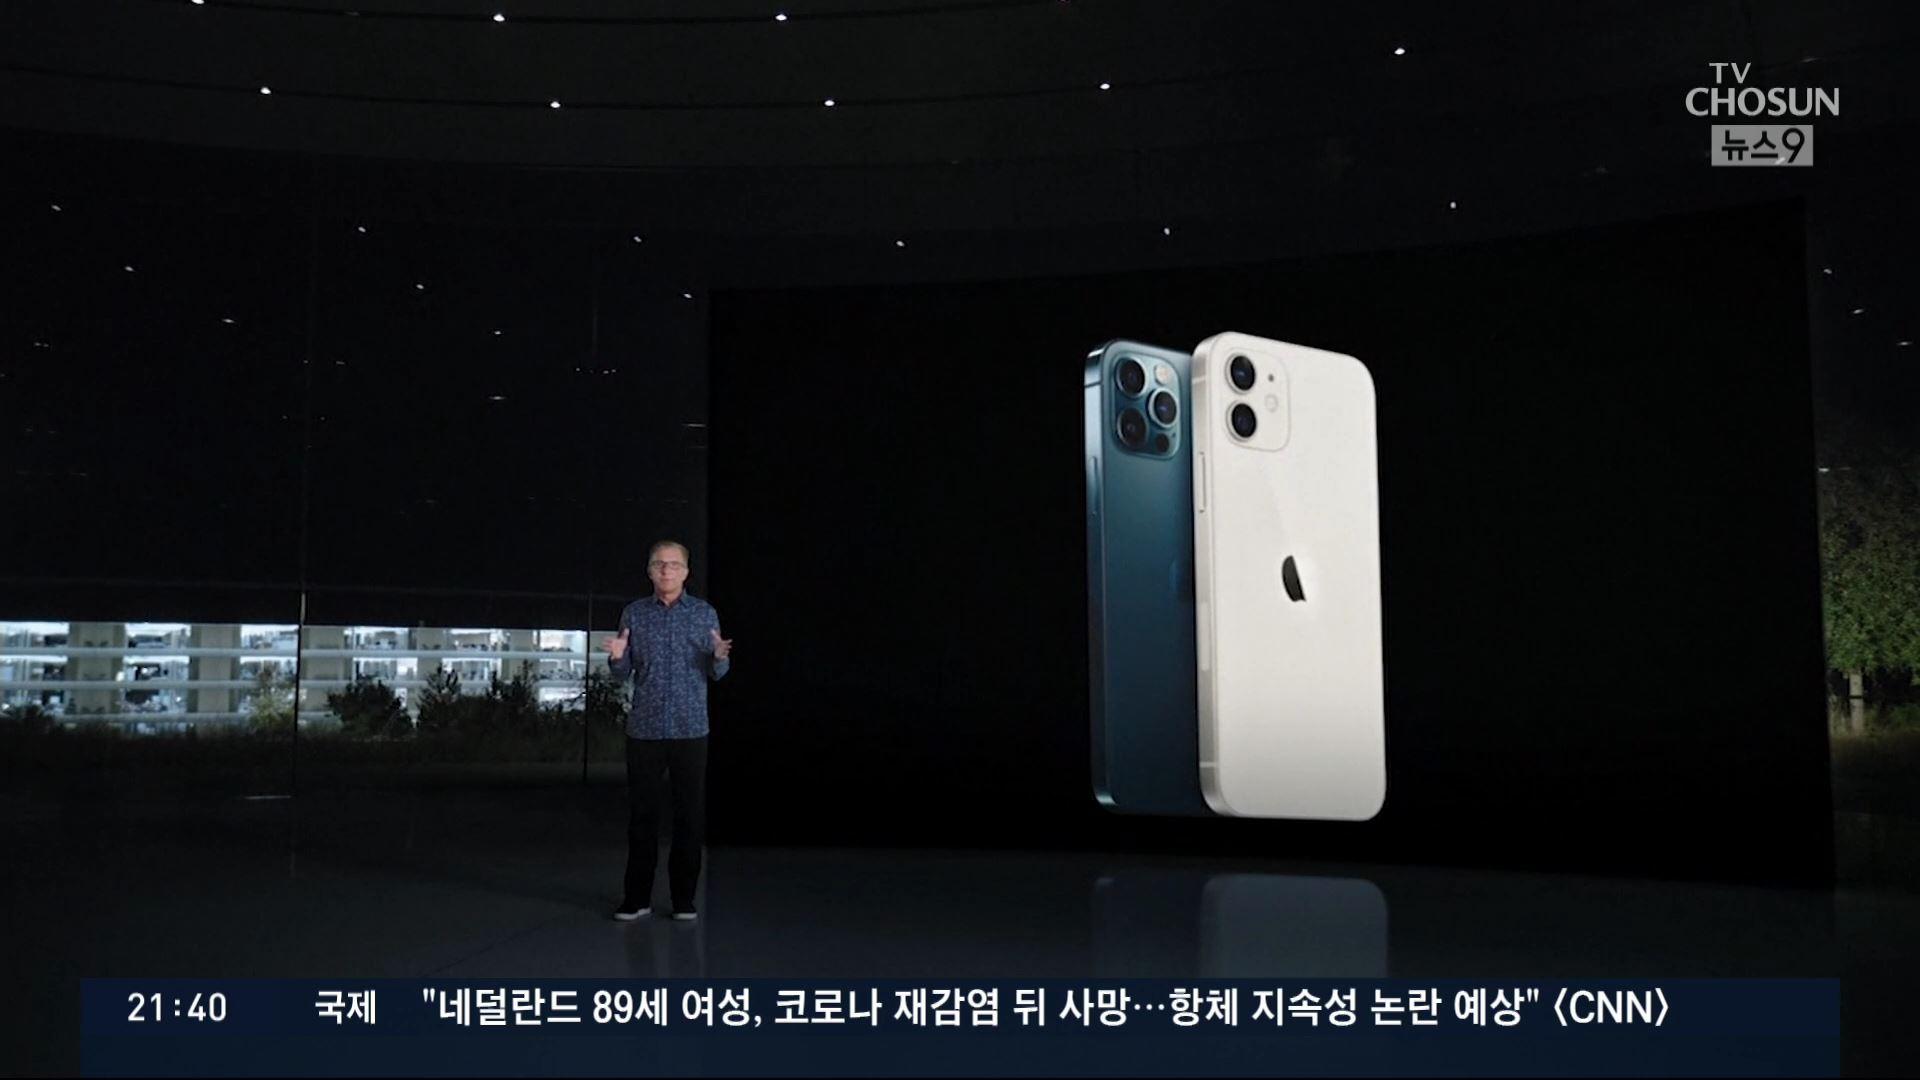 아이폰도 5G 첫 탑재…애플 vs 삼성 '5G 결투' 개막